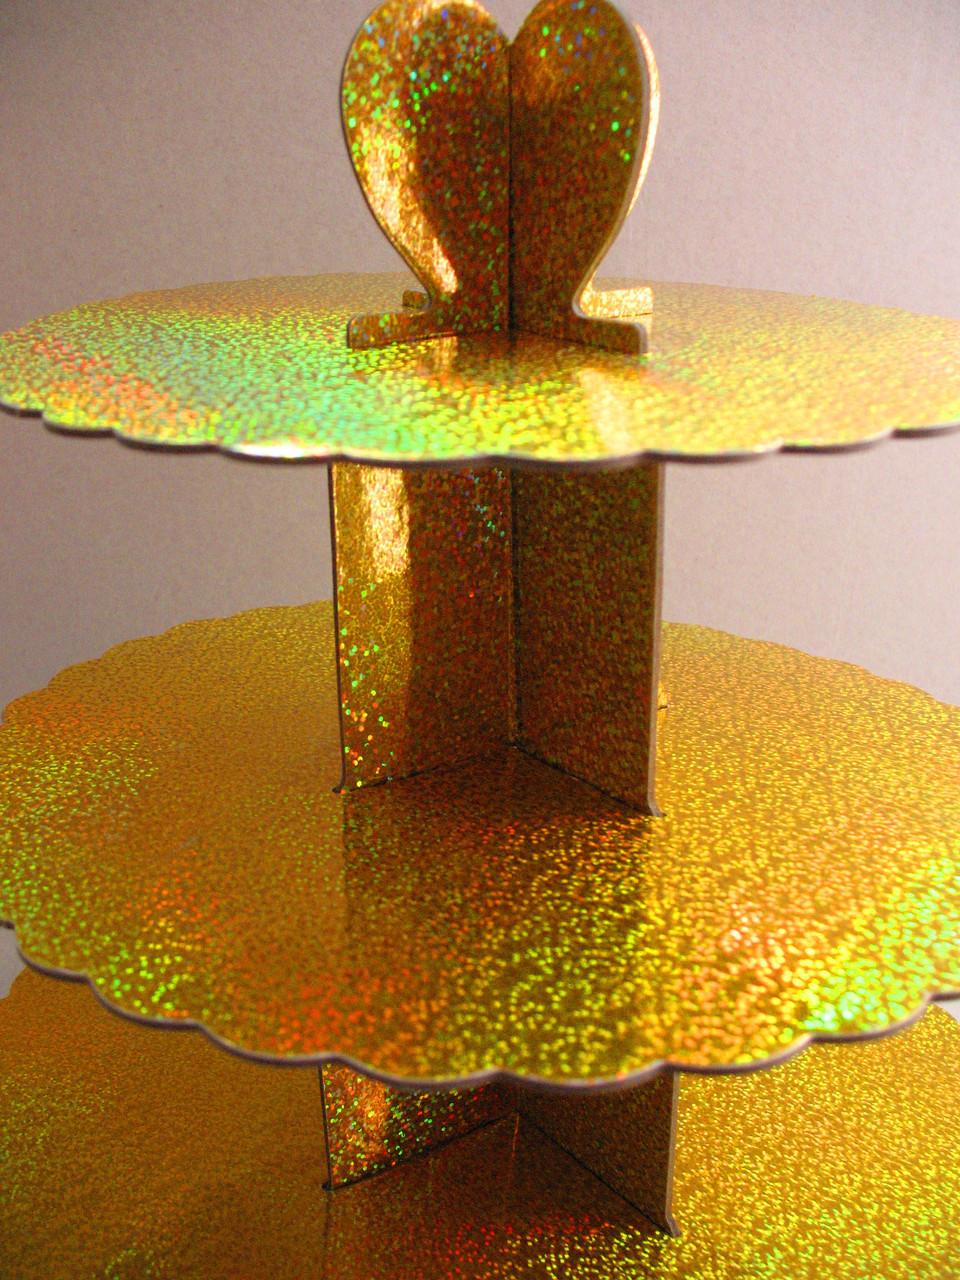 Этажерка для капкейков Золотая из 3-х ярусов